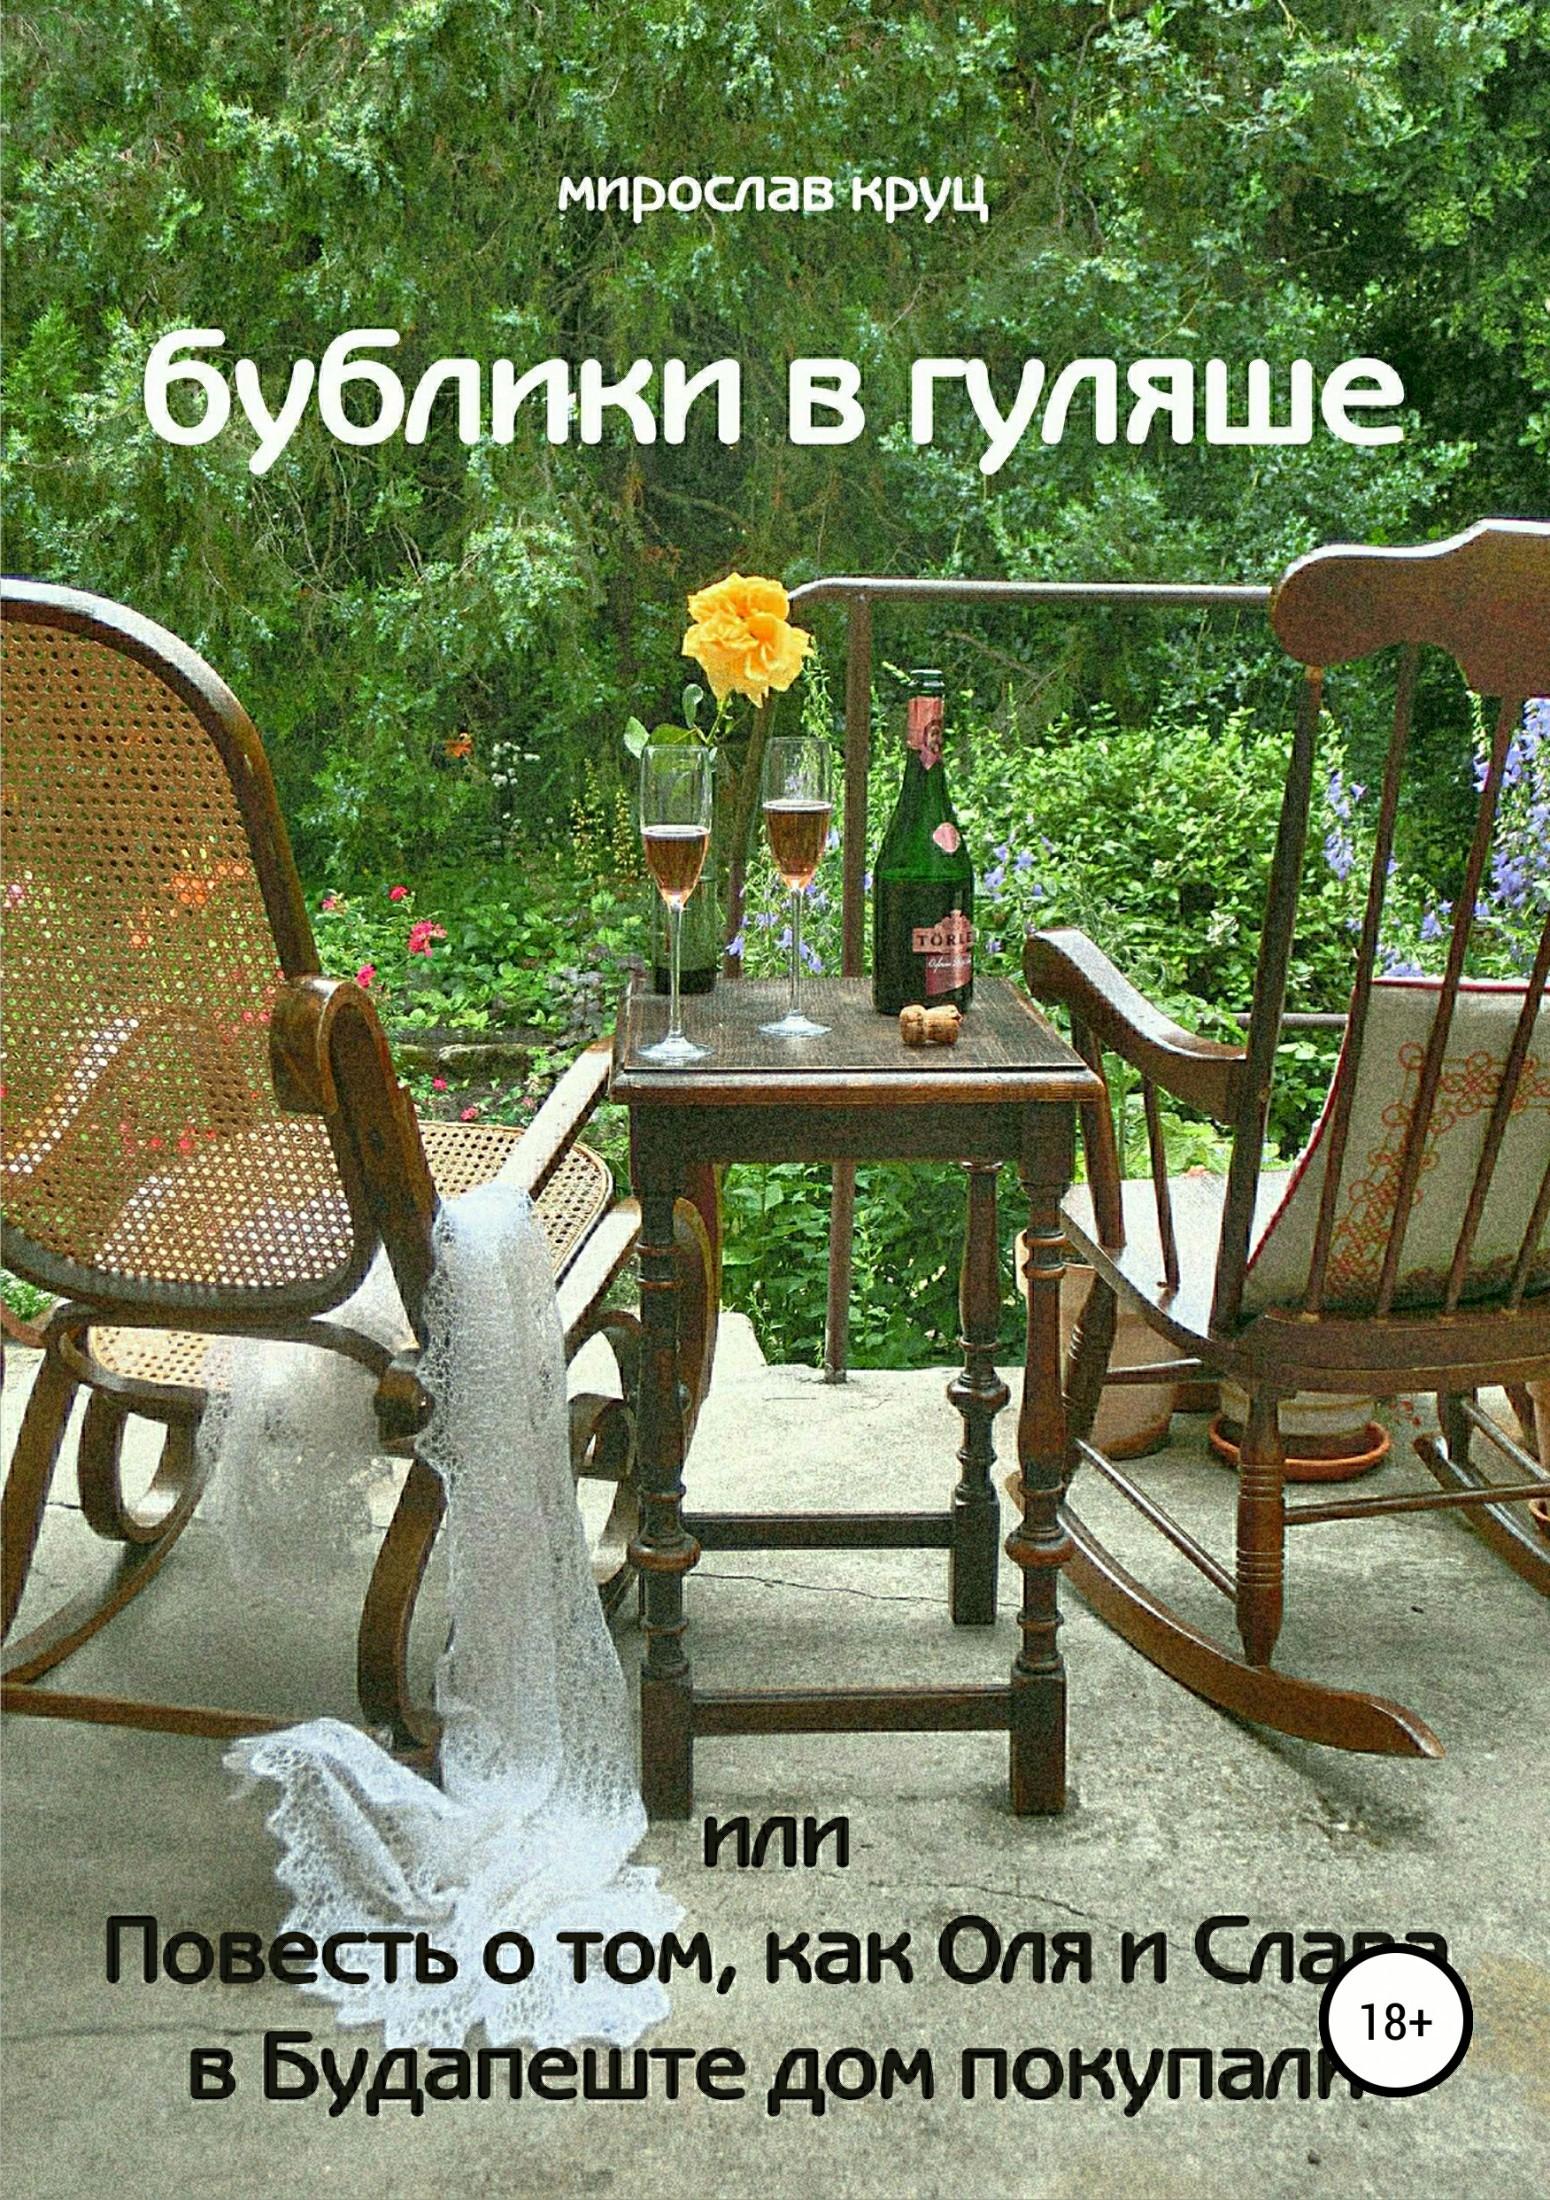 Бублики в гуляше, или Повесть о том, как Оля и Слава в Будапеште дом покупали